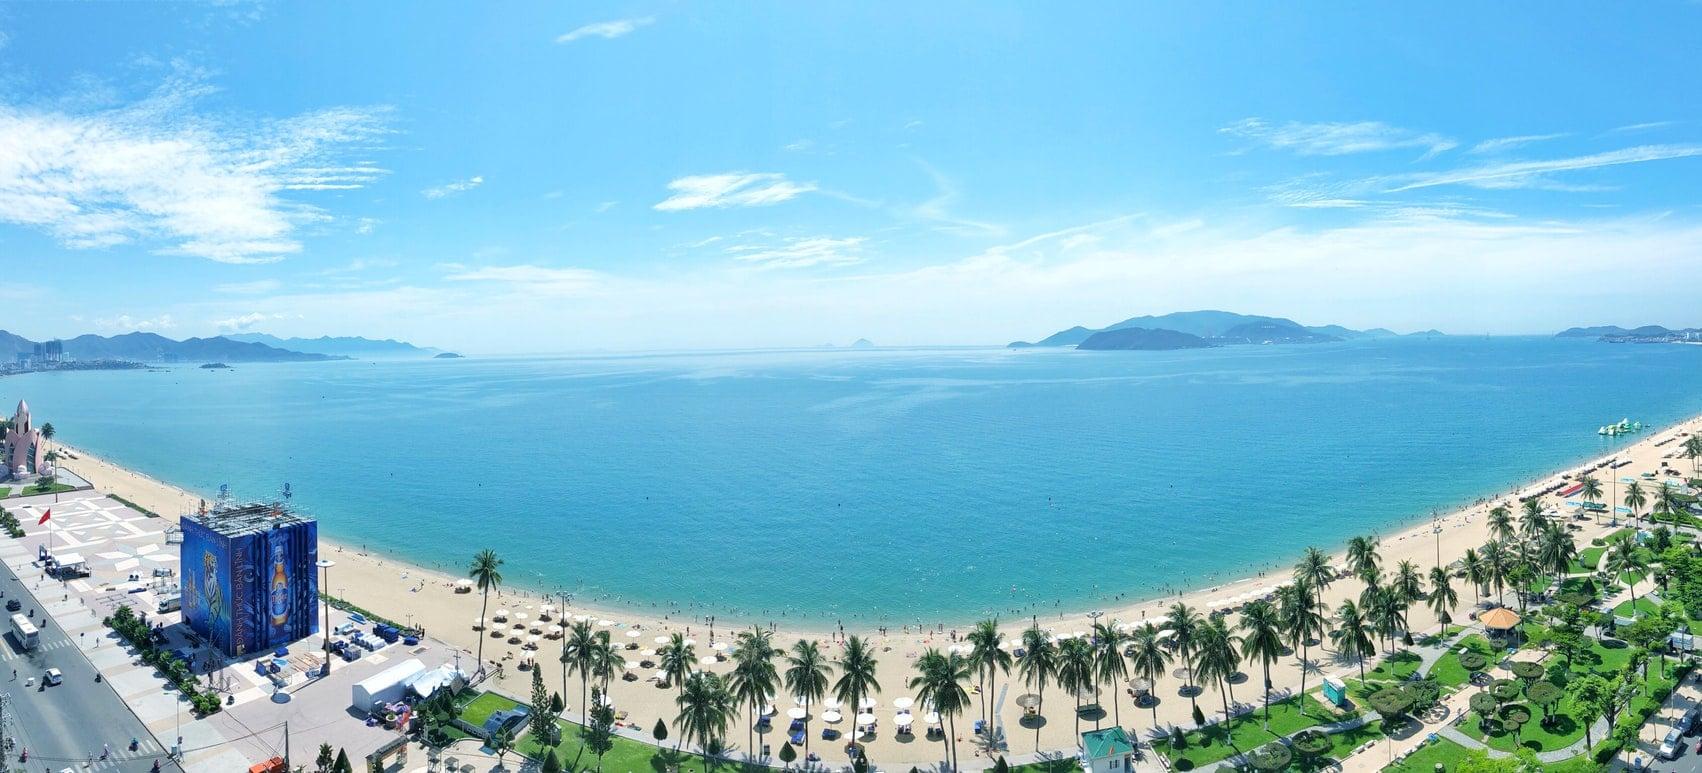 Top 9 beaches in Vietnam - Backpackers Vietnam